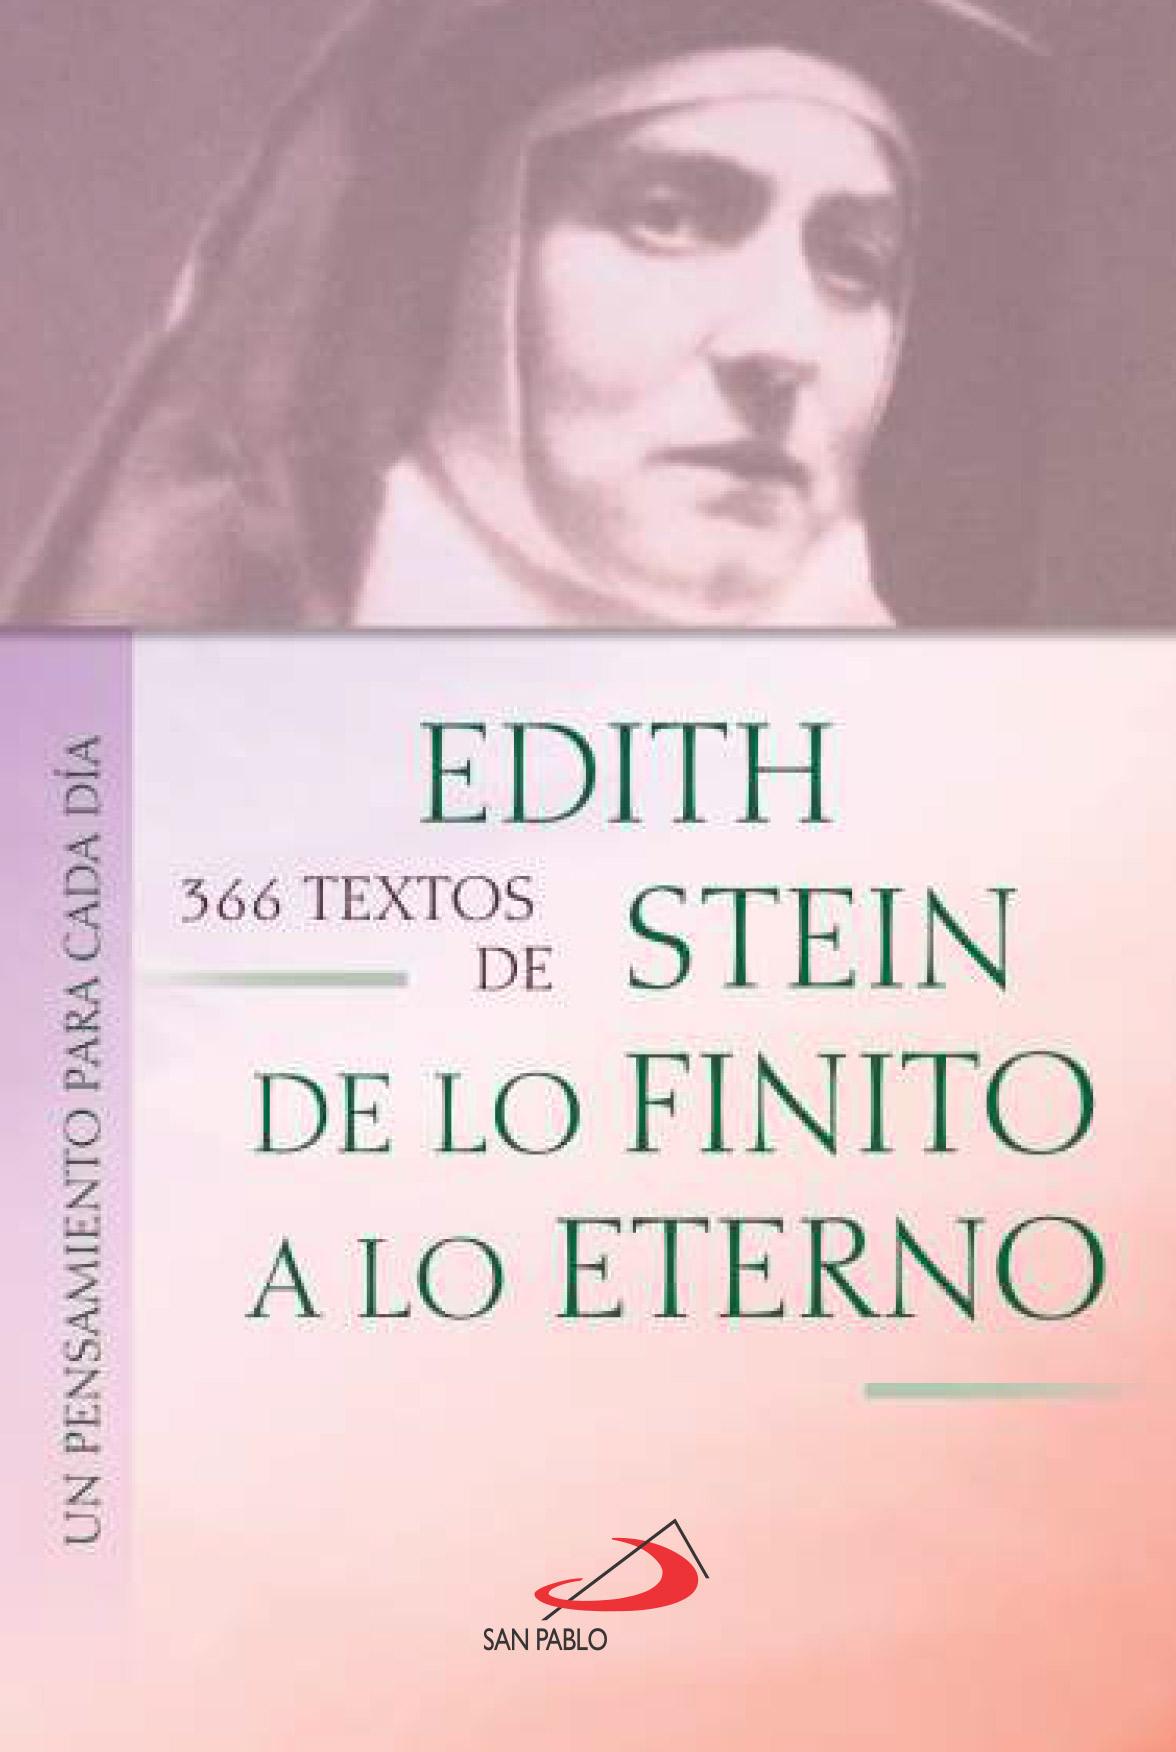 366 Textos De Edith Stein Libreria Virtual San Pablo